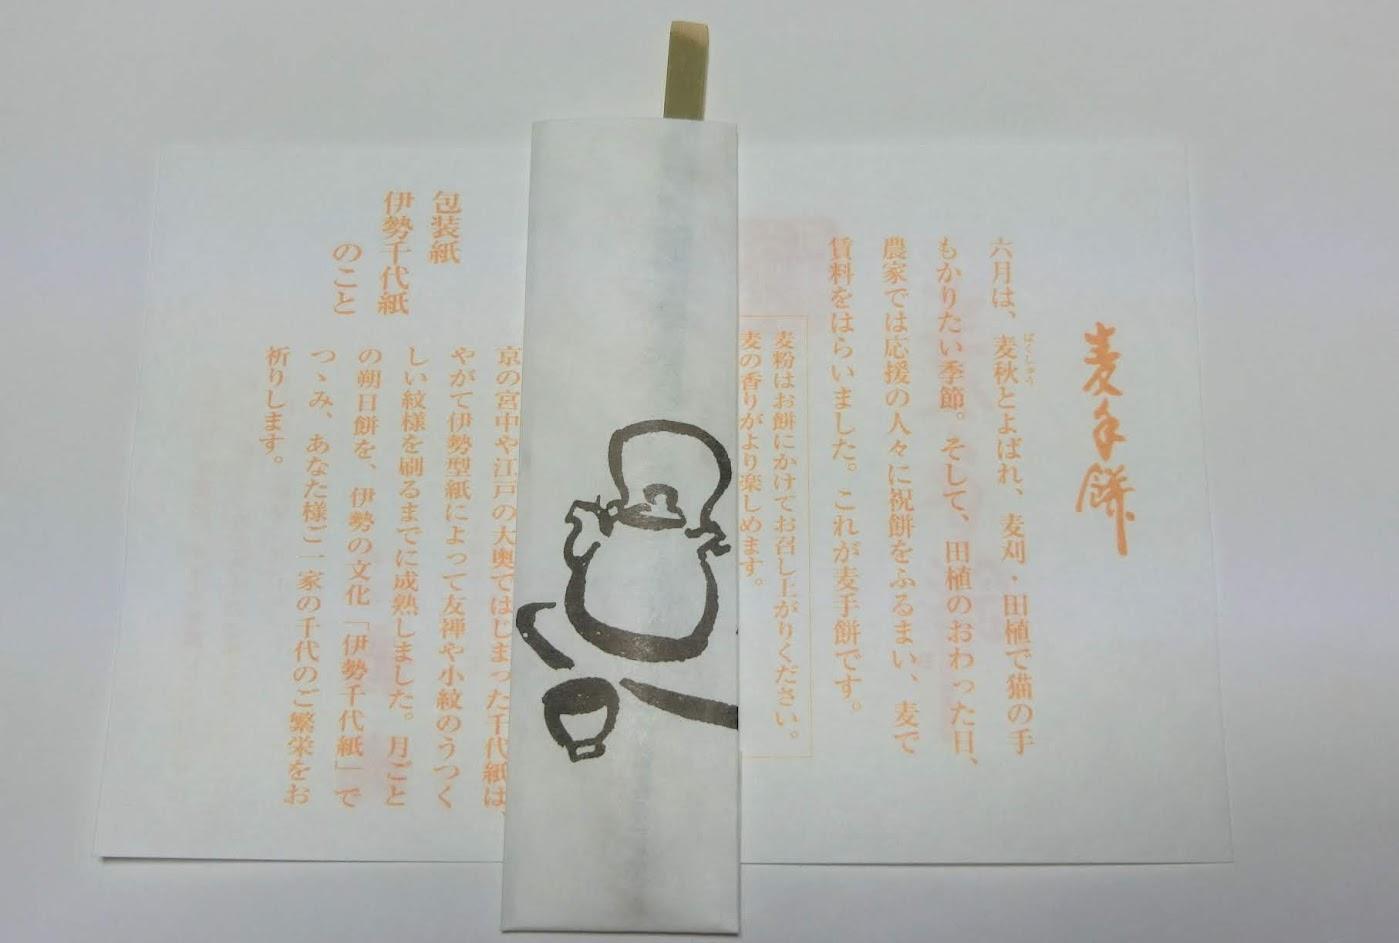 赤福六月朔日餅麦手餅説明